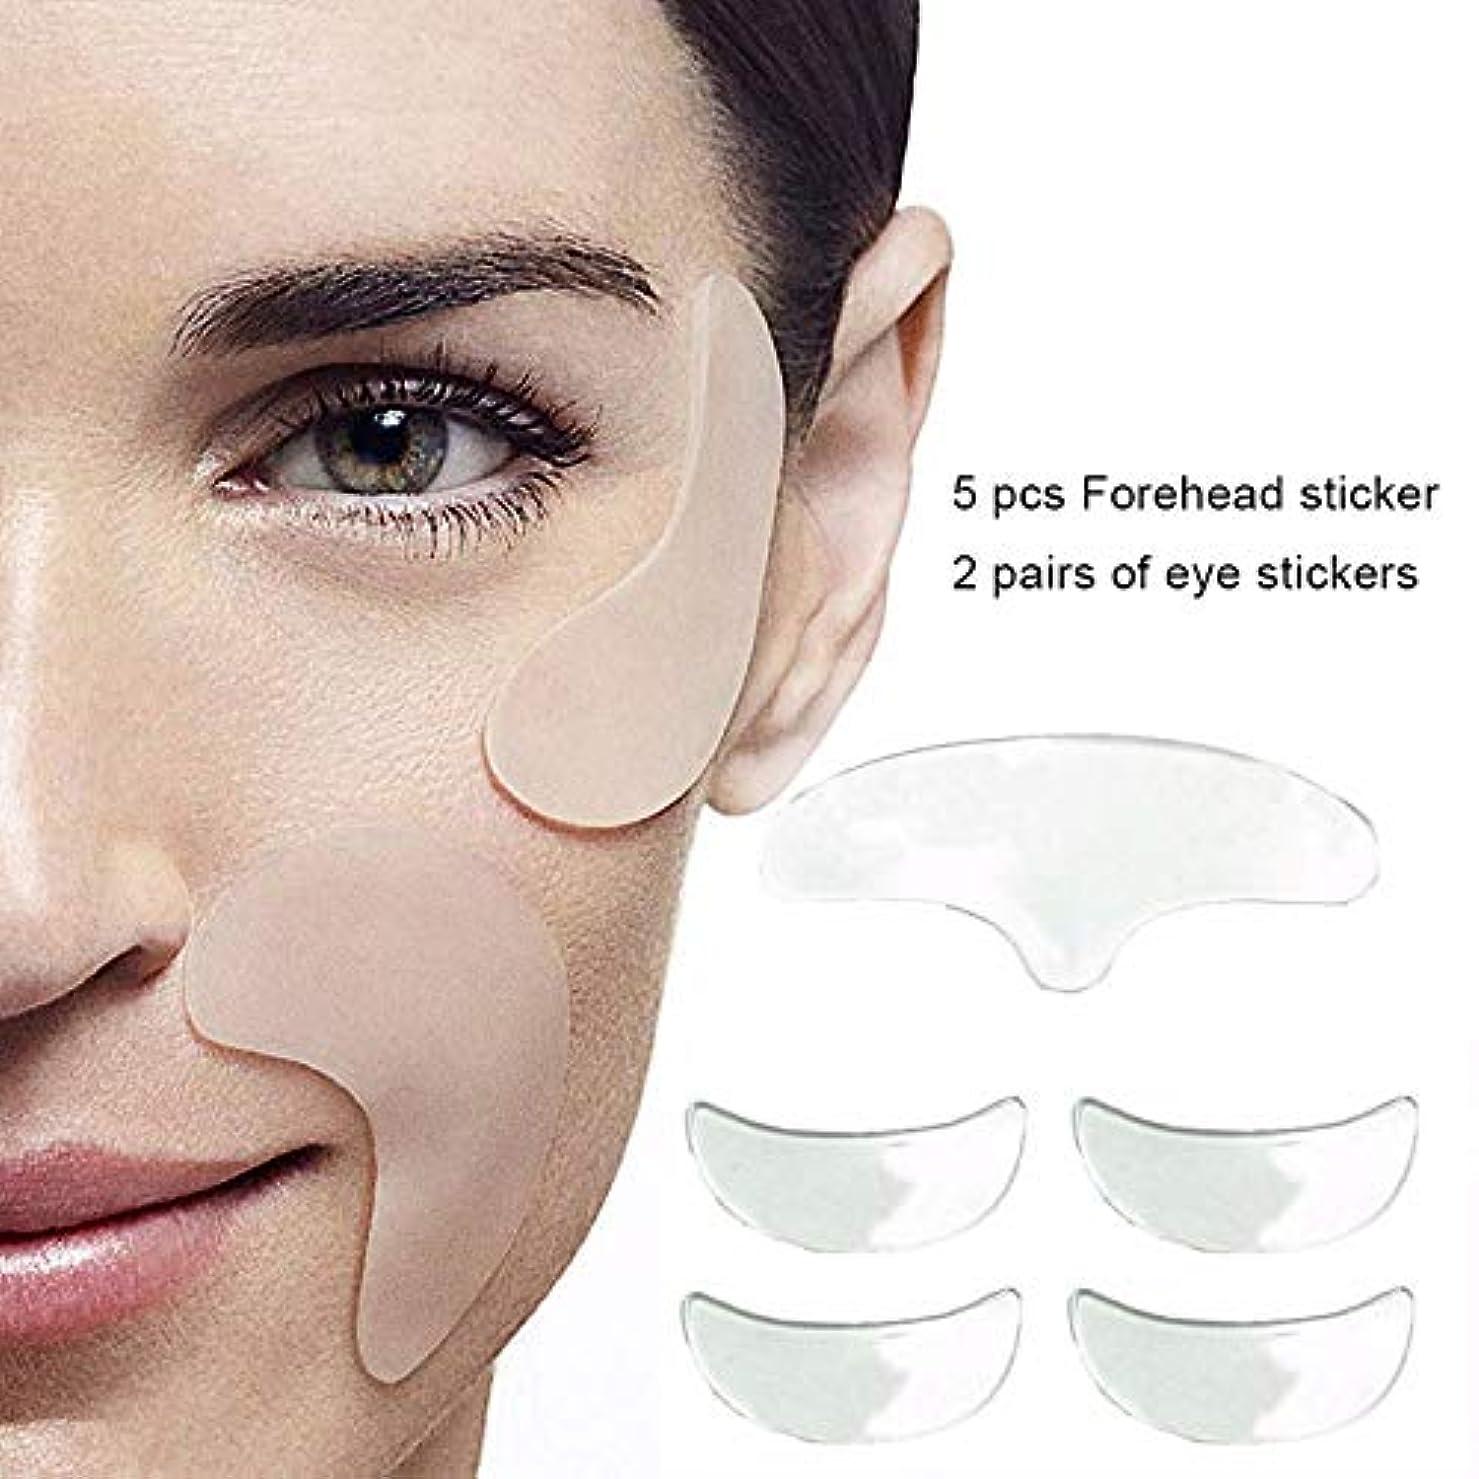 優先権太陽待ってRabugoo 女性のアンチリンクルアイフェイスパッド再使用可能なシリコーンインビジブルフェイスパッドアンチエイジング防止顔のしわ